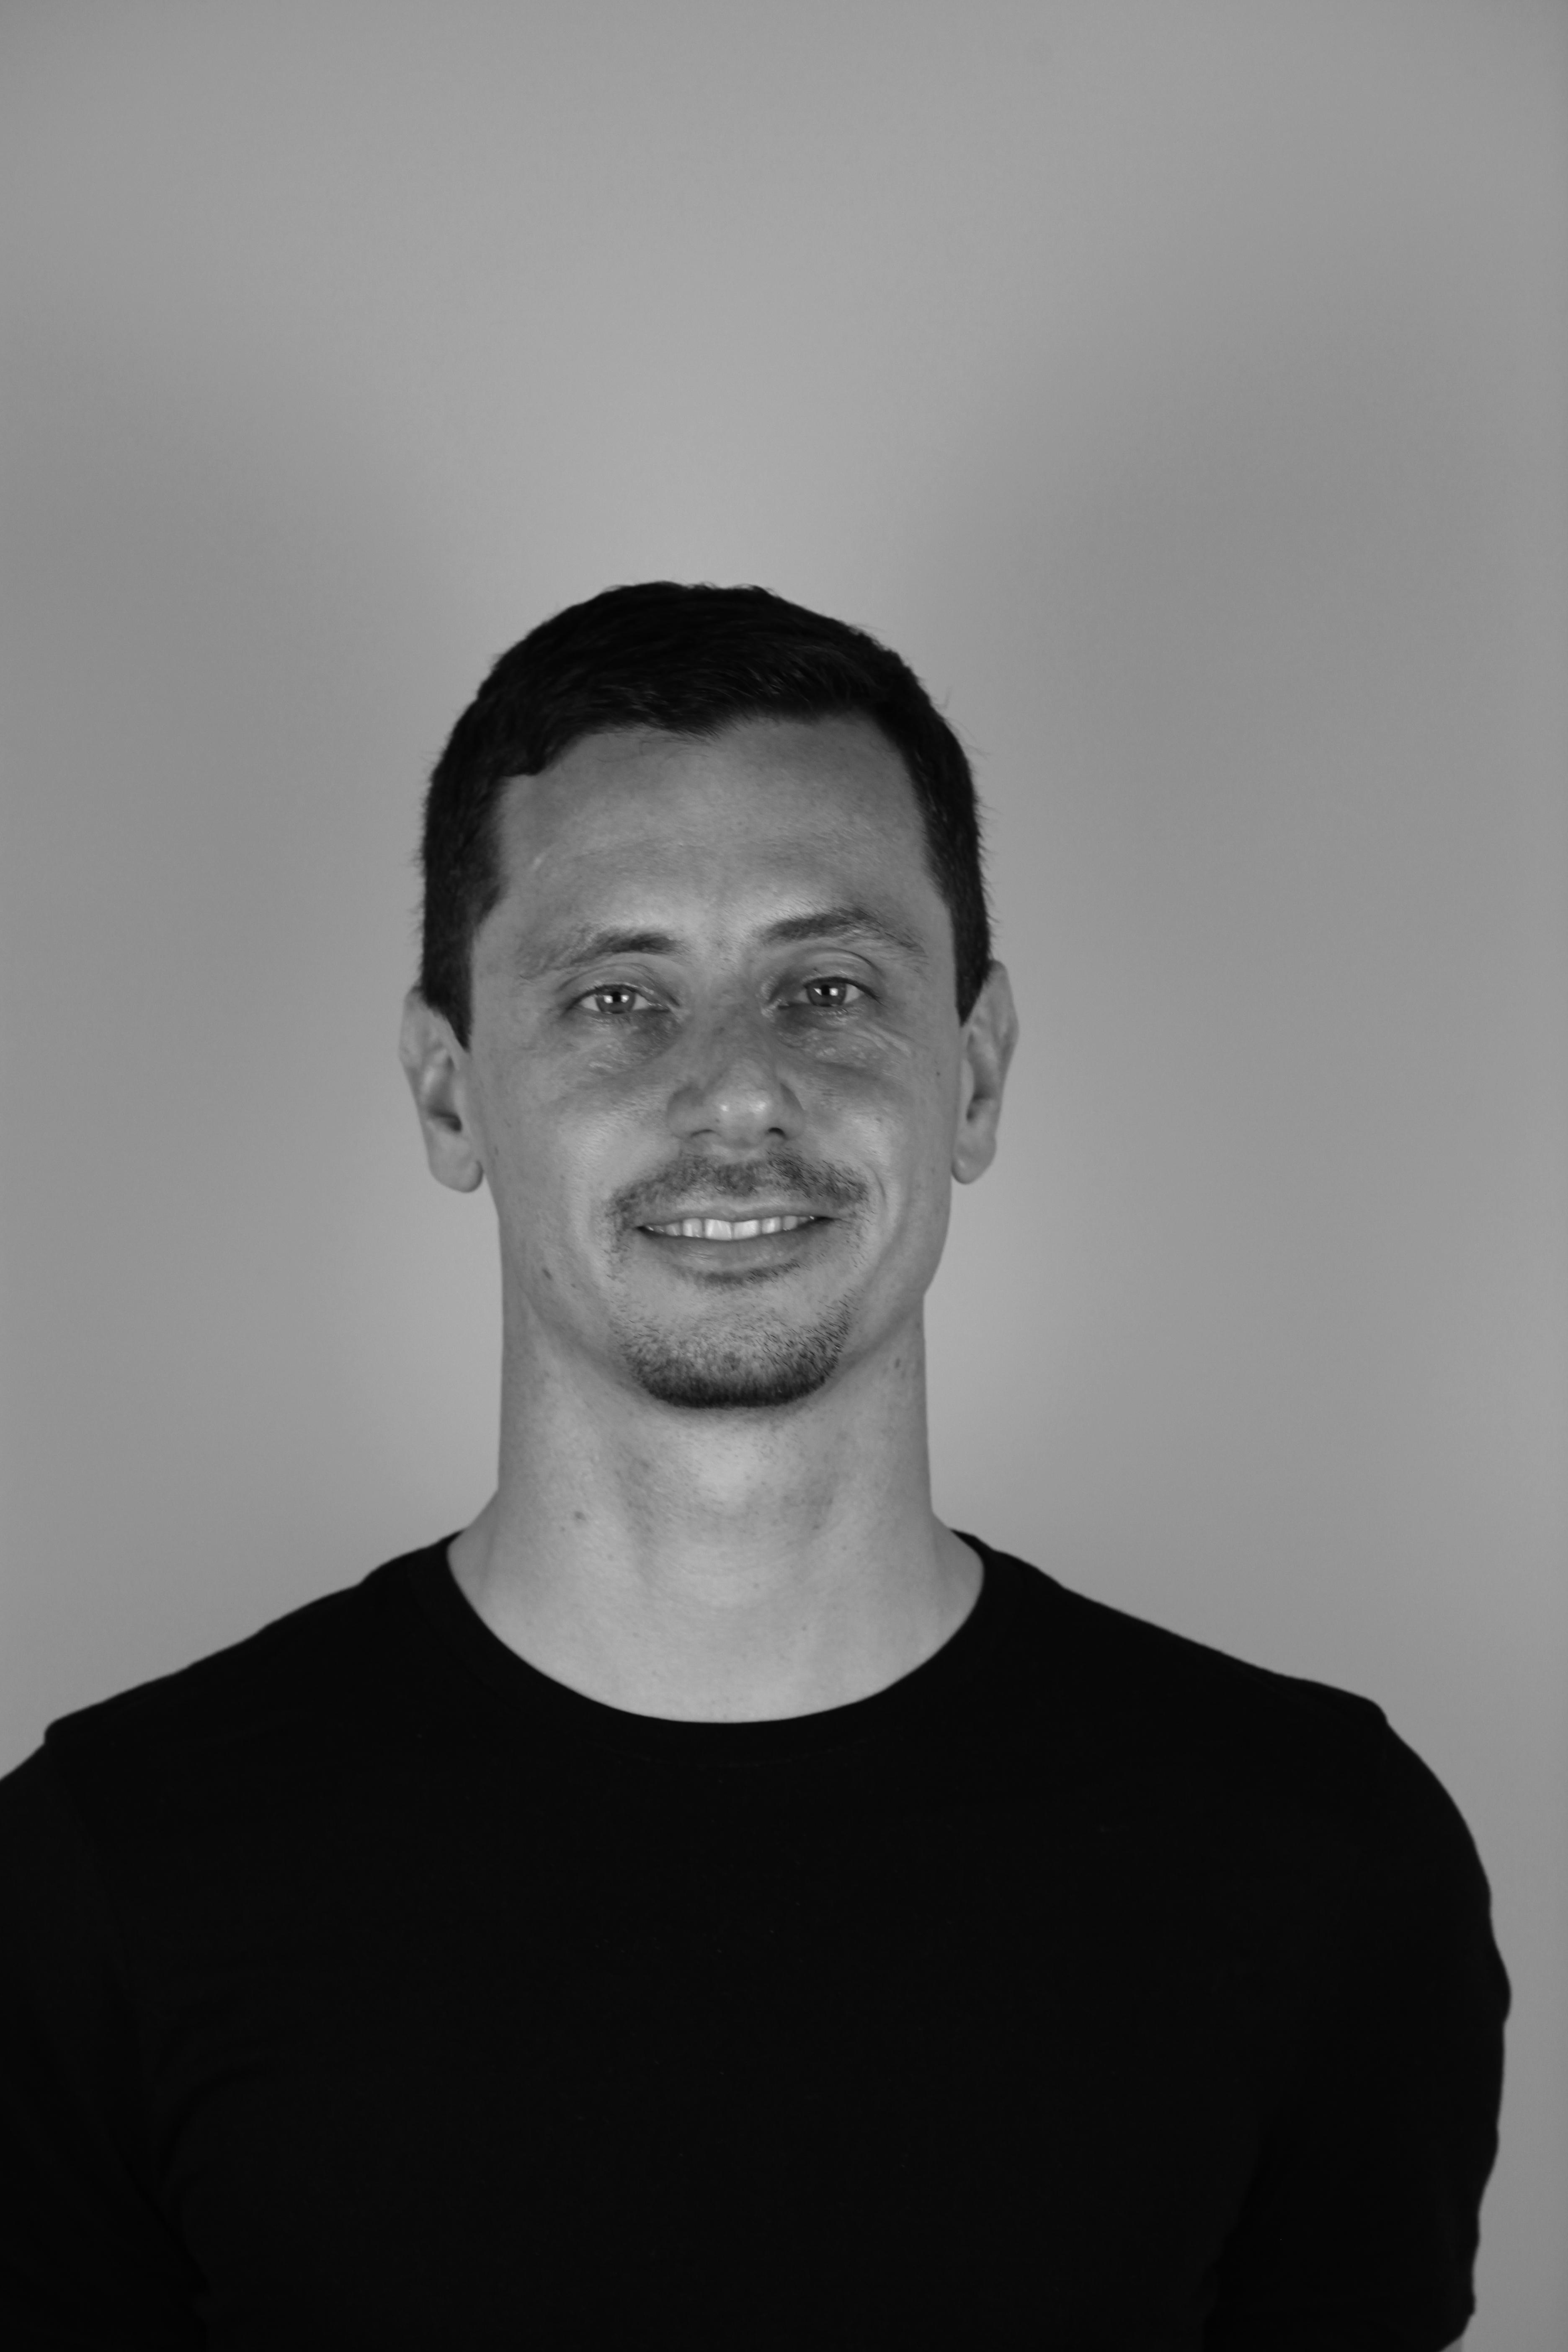 """Tobias Röhrich, Gefertec: """"Wir erwarten uns nicht nur ein hochkarätiges Publikum aus Kunden- und Anwenderkreisen, sondern freuen uns genauso auf den inspirierenden Austausch mit den Vordenkern der Industrie."""" Foto: Gefertec"""